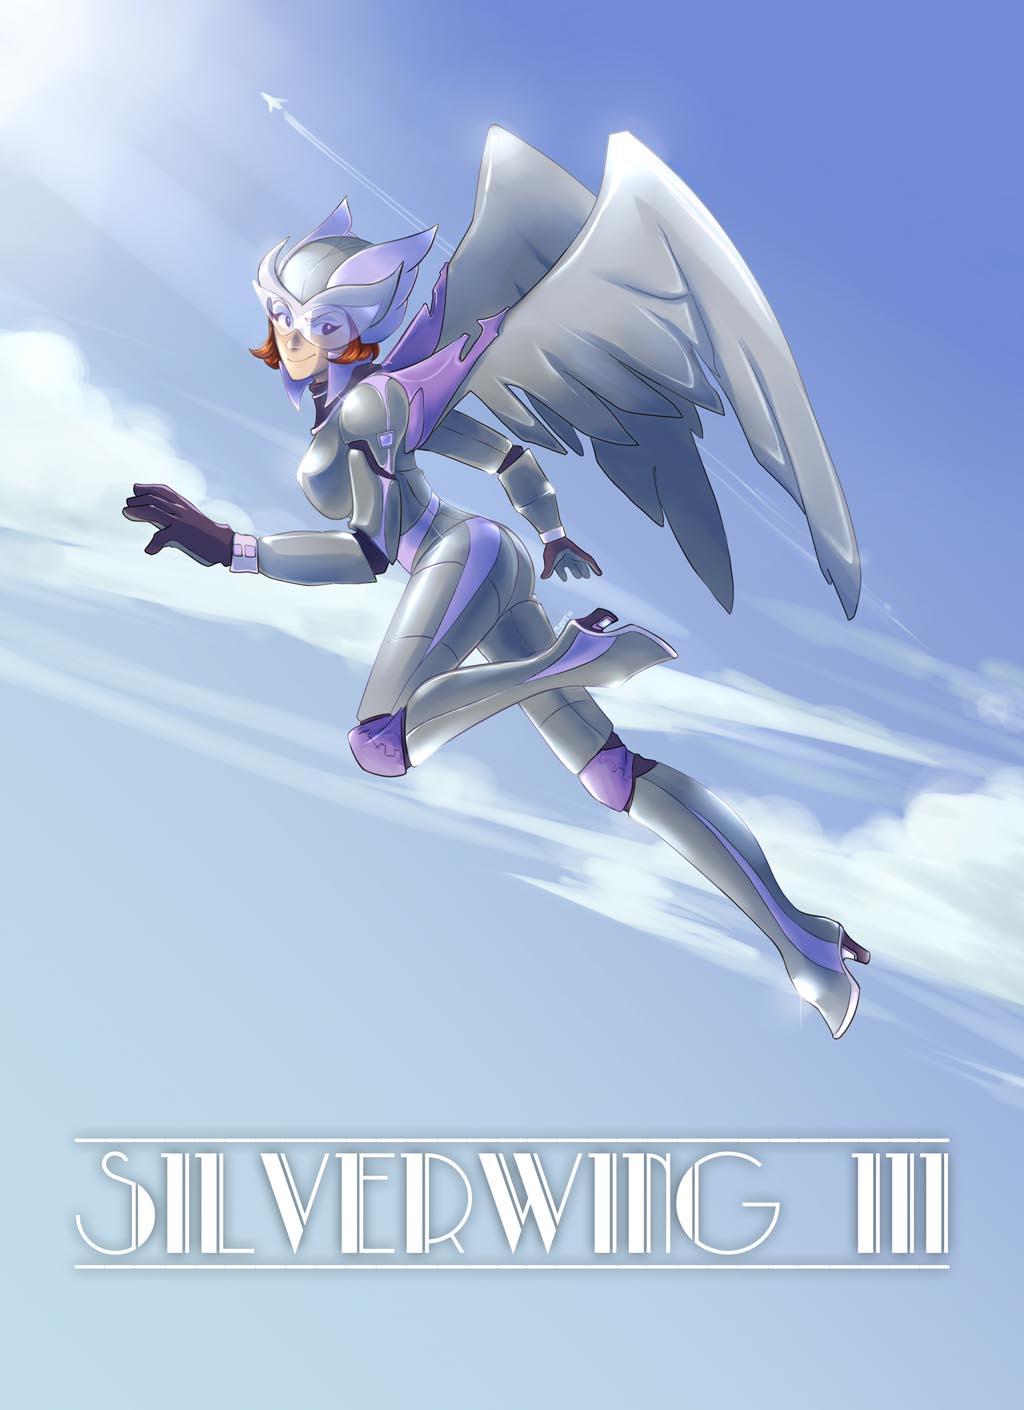 Filler Art: Silverwing III, by Maya Mint